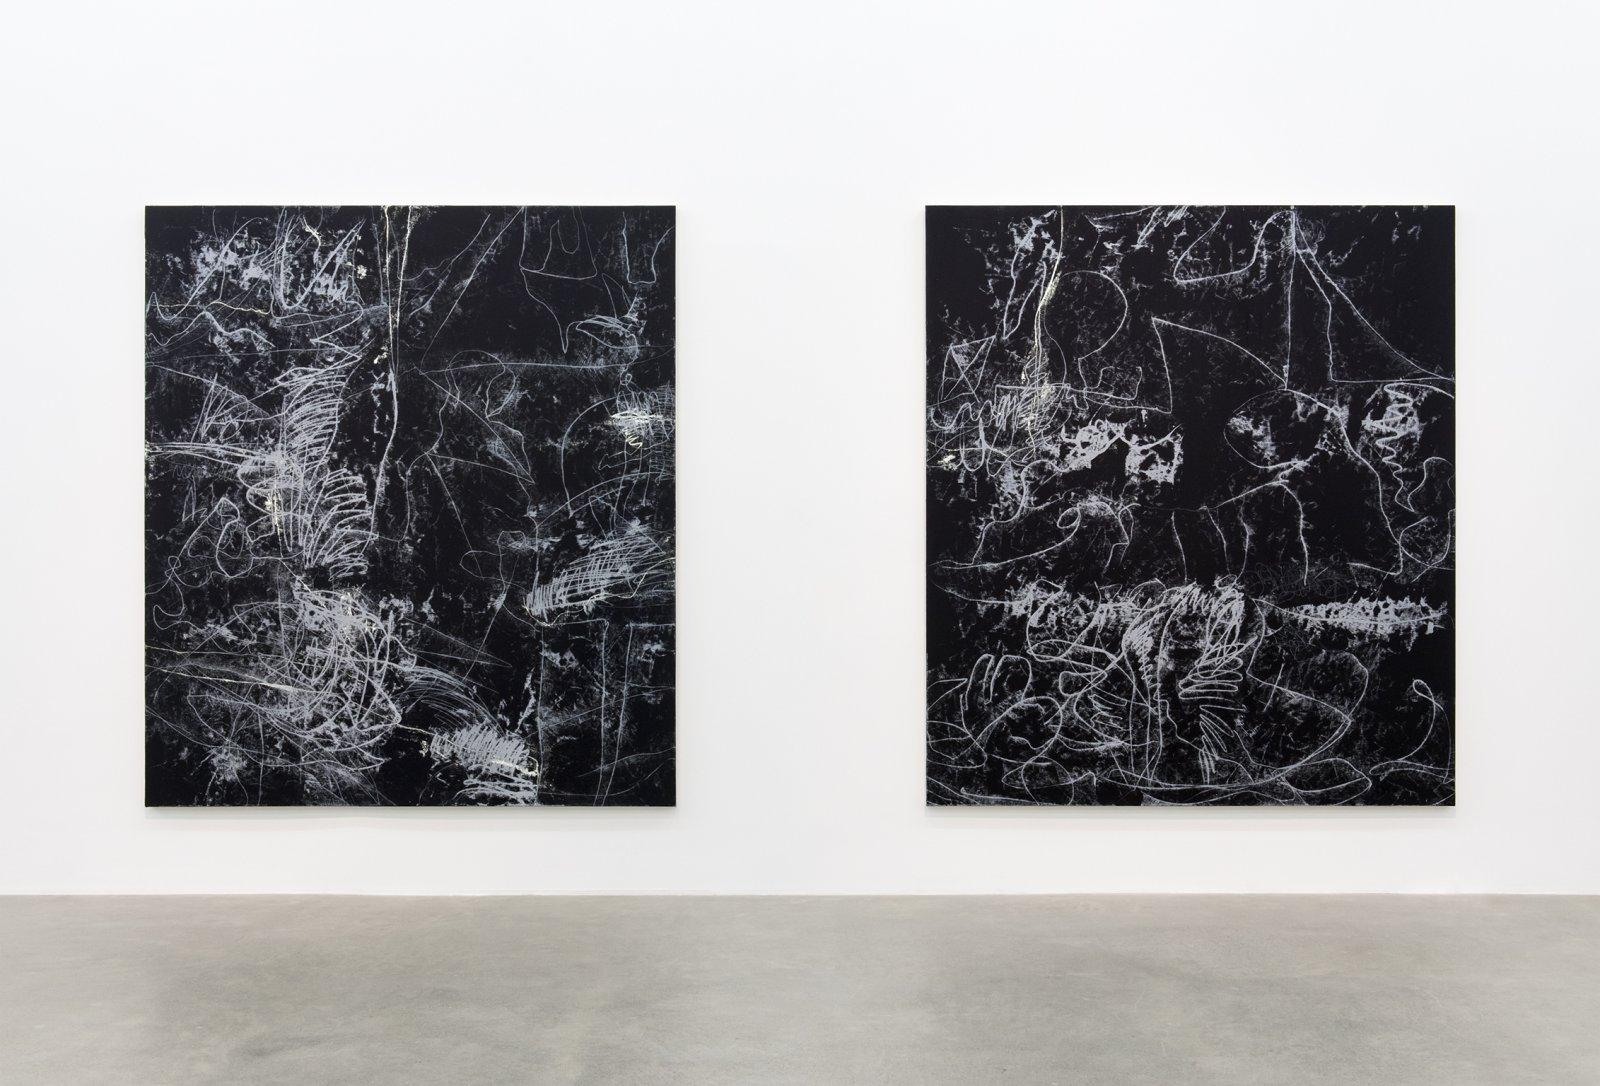 Damian Moppett, Figure Ground I, Figure Ground II, 2016, oil on canvas, each 84 x 74 in. (213 x 188 cm) by Damian Moppett